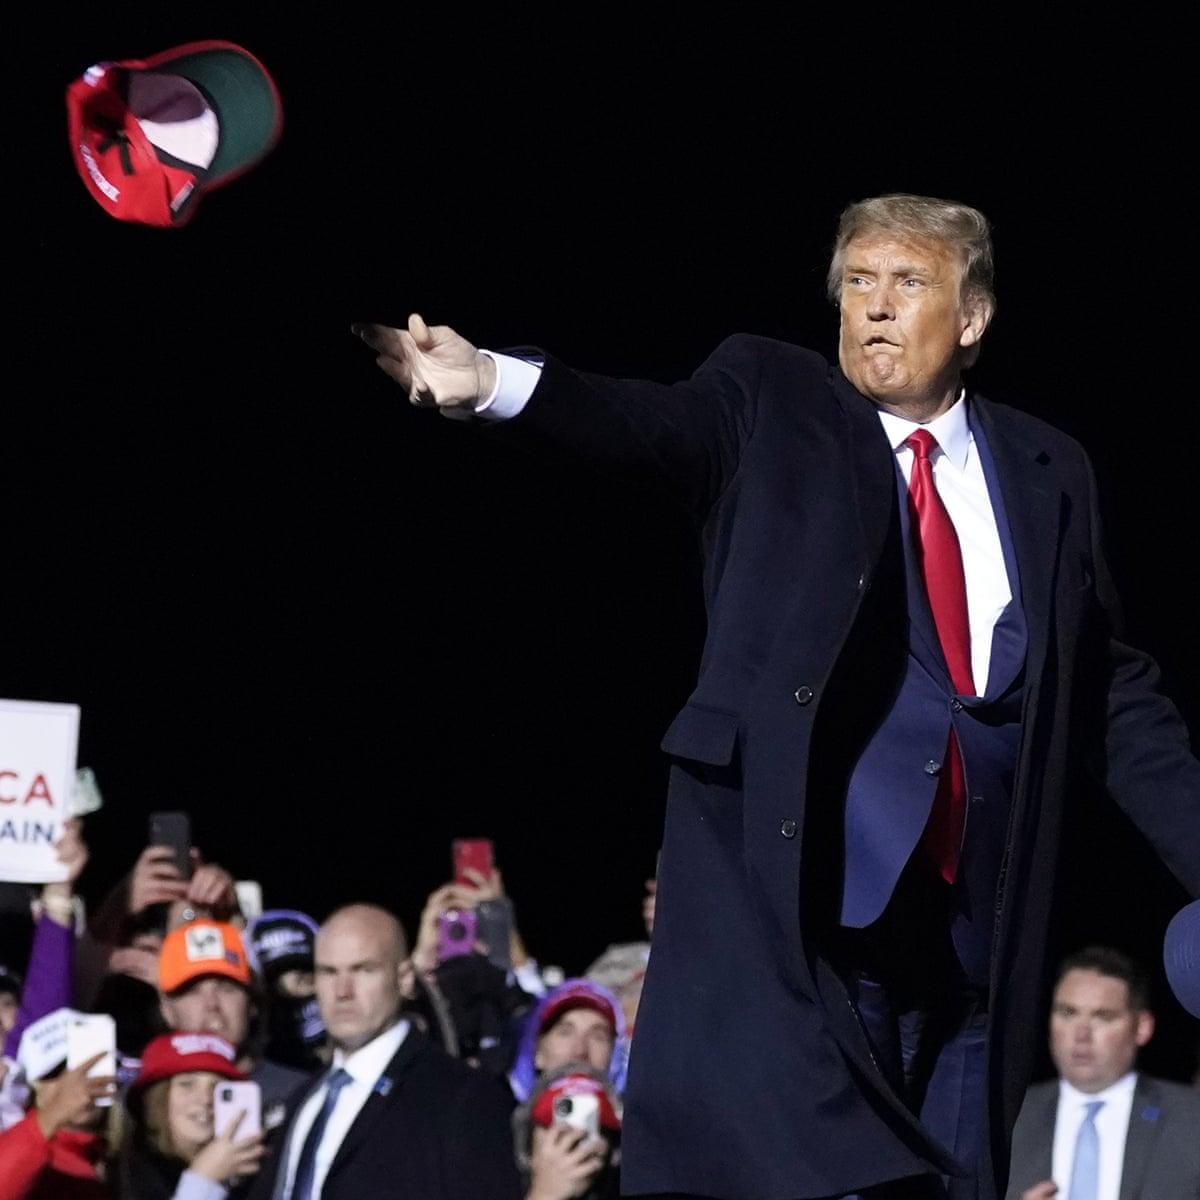 Tạm biệt Donald Trump: Khép lại 4 năm khác biệt trong lịch sử nước Mỹ - Ảnh 5.